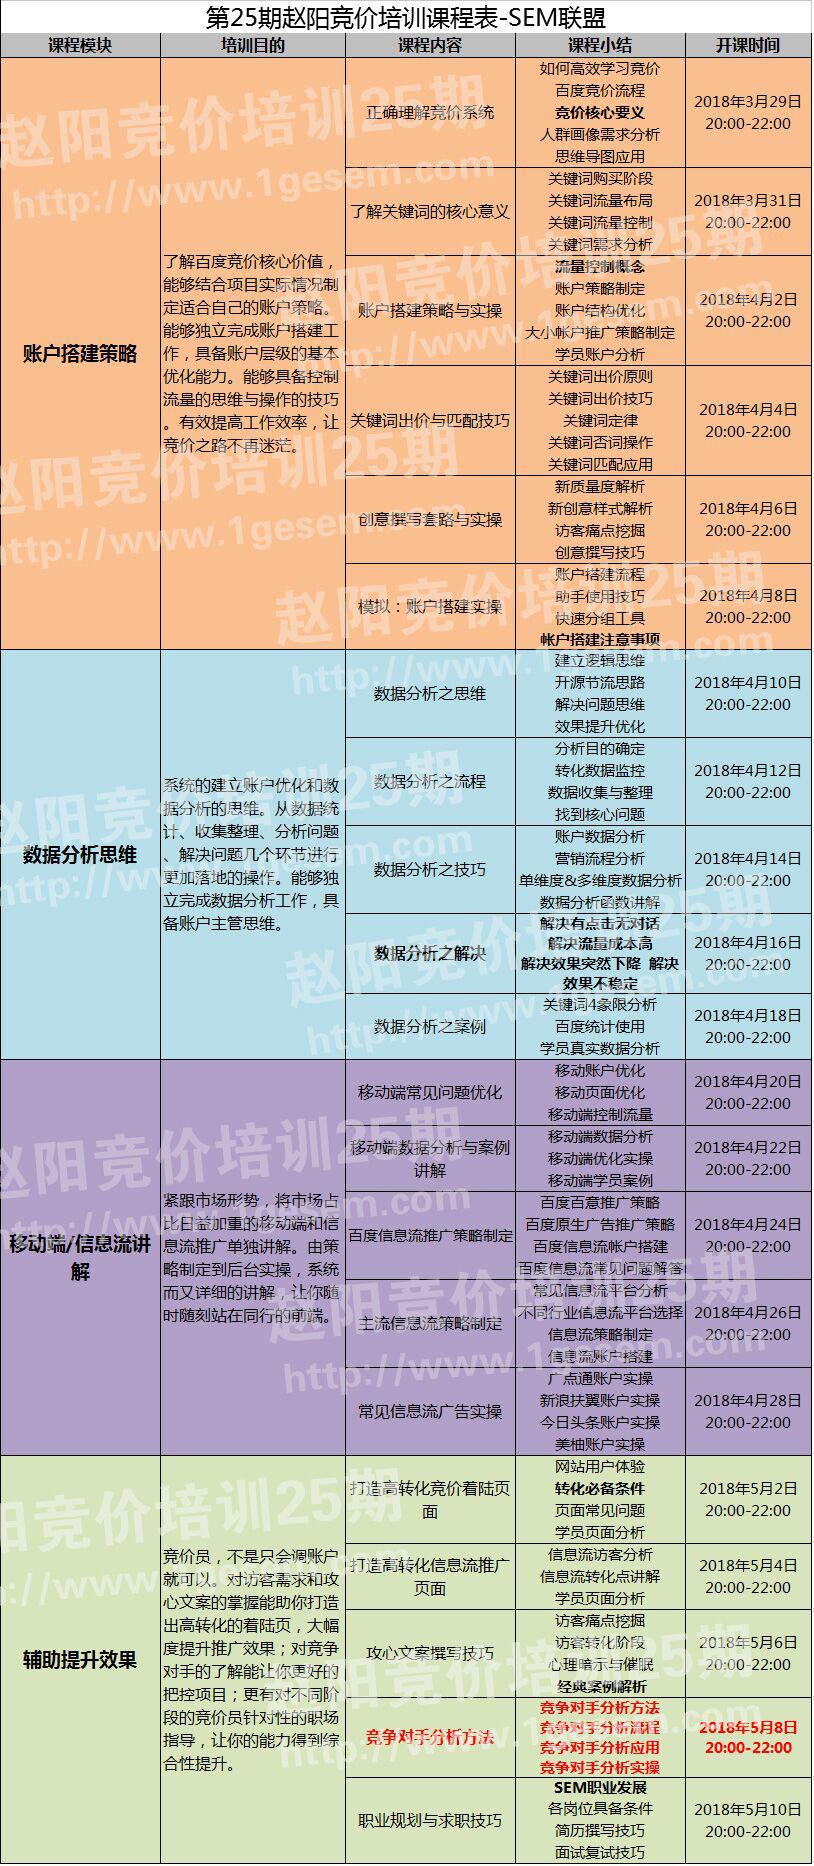 赵阳竞价培训现在课程表